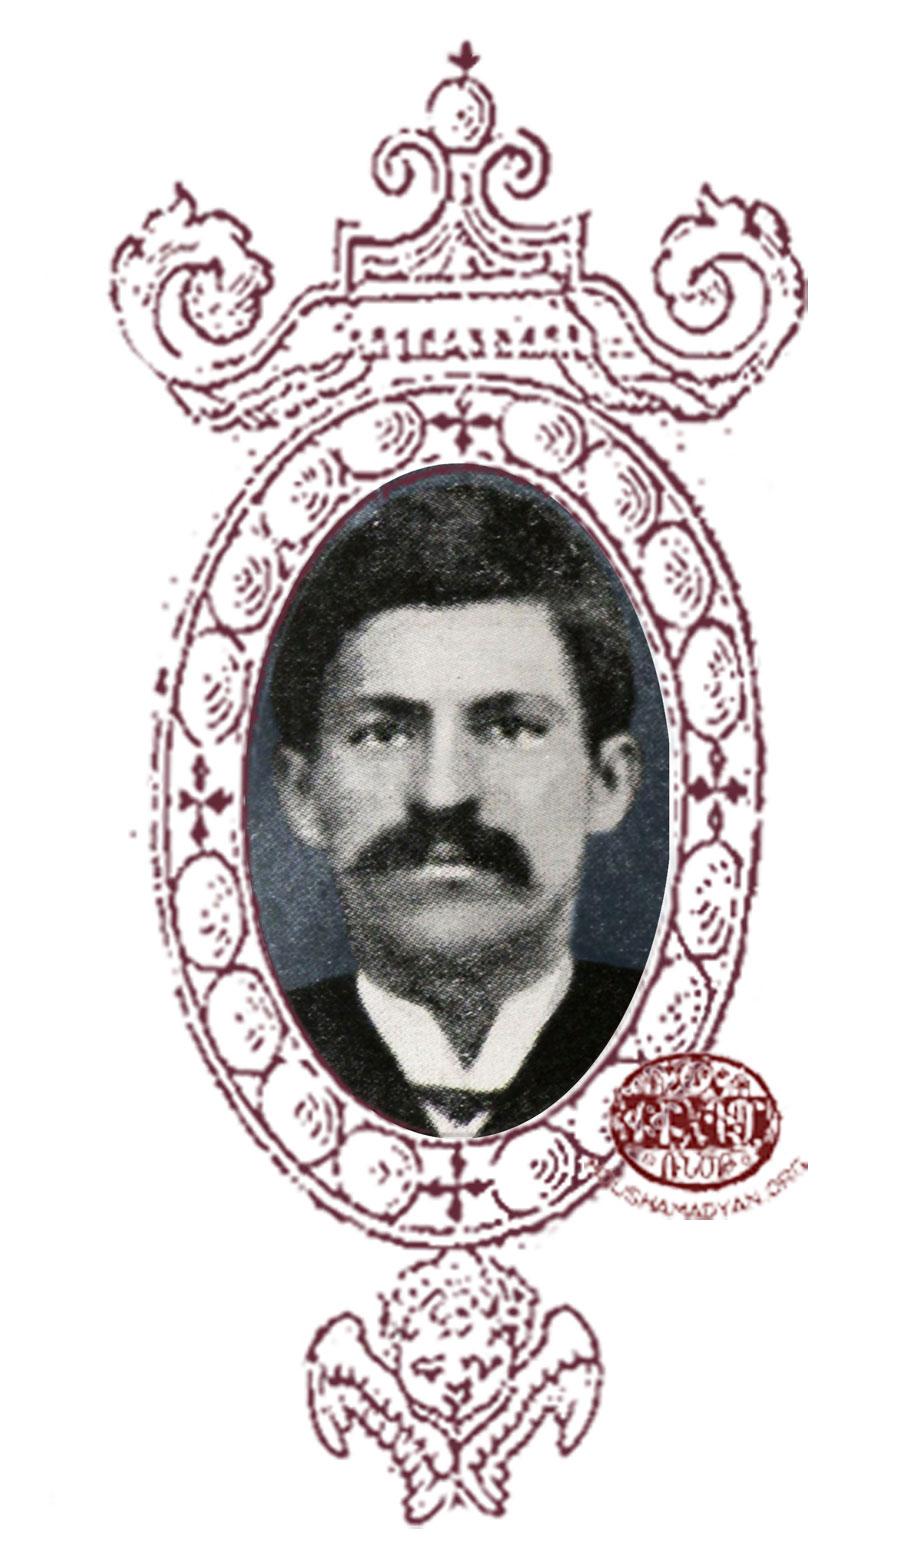 Hovhannes Kabulyan